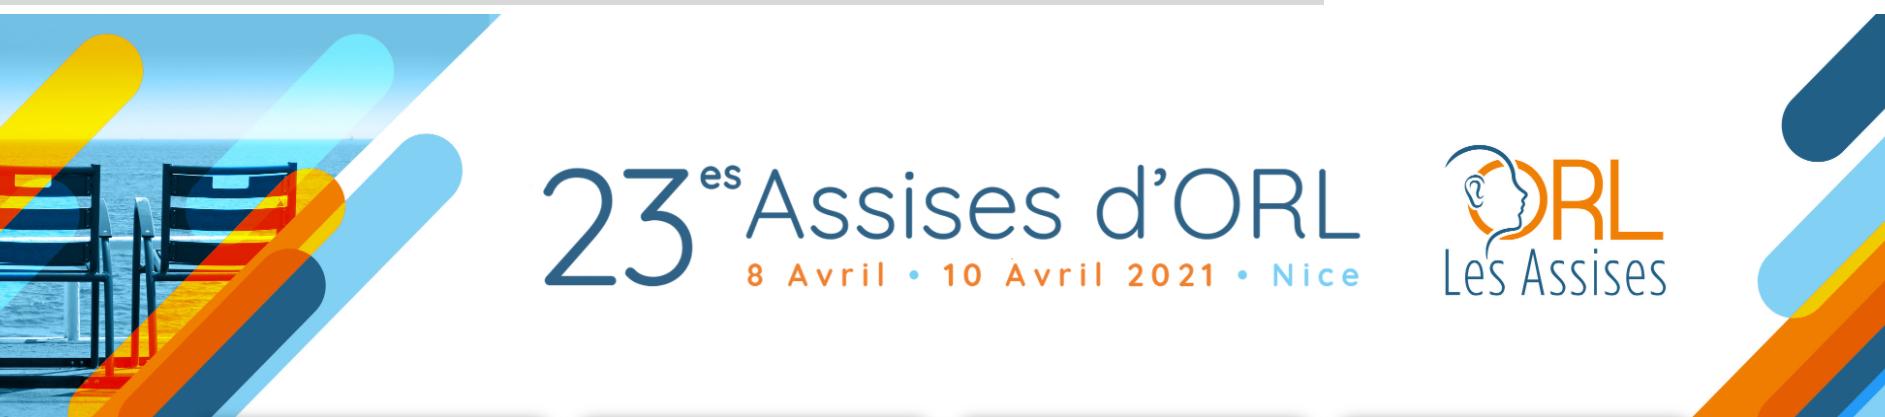 Les 23èmes assises ORL de Nice fixées au 8 avril 2021